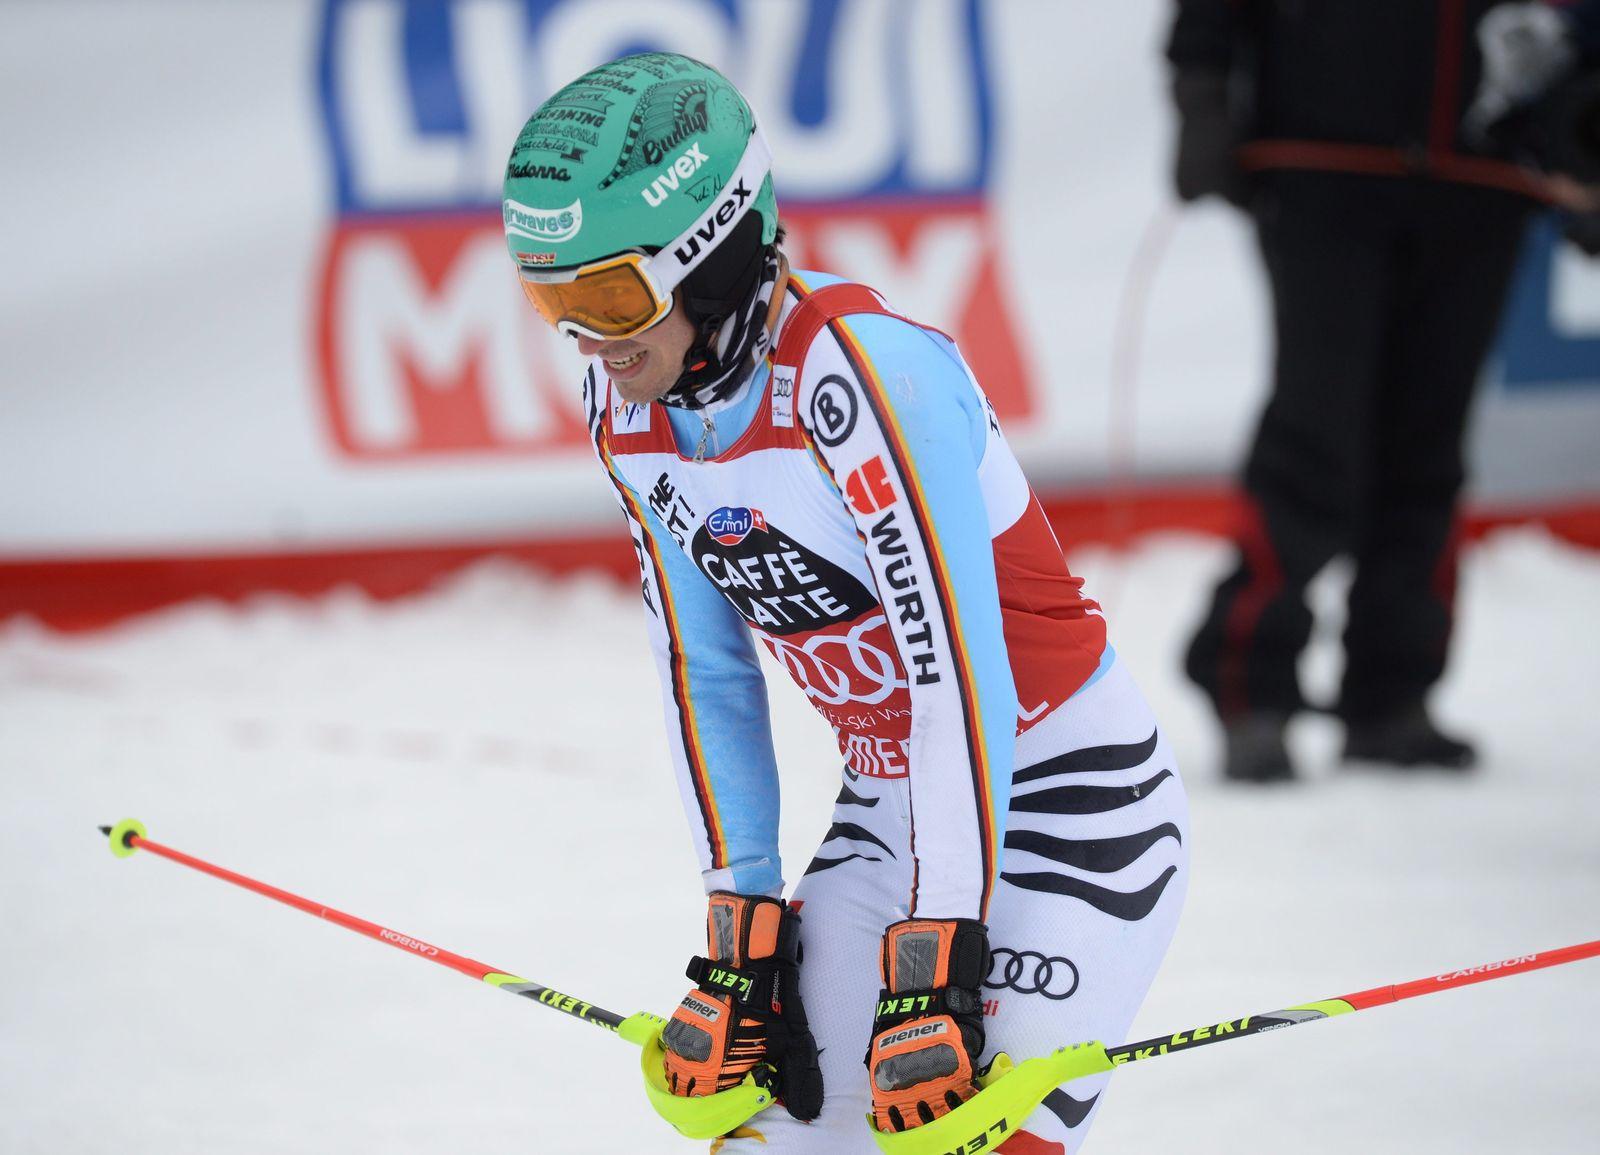 Alpine Skiing World Cup in Meribel